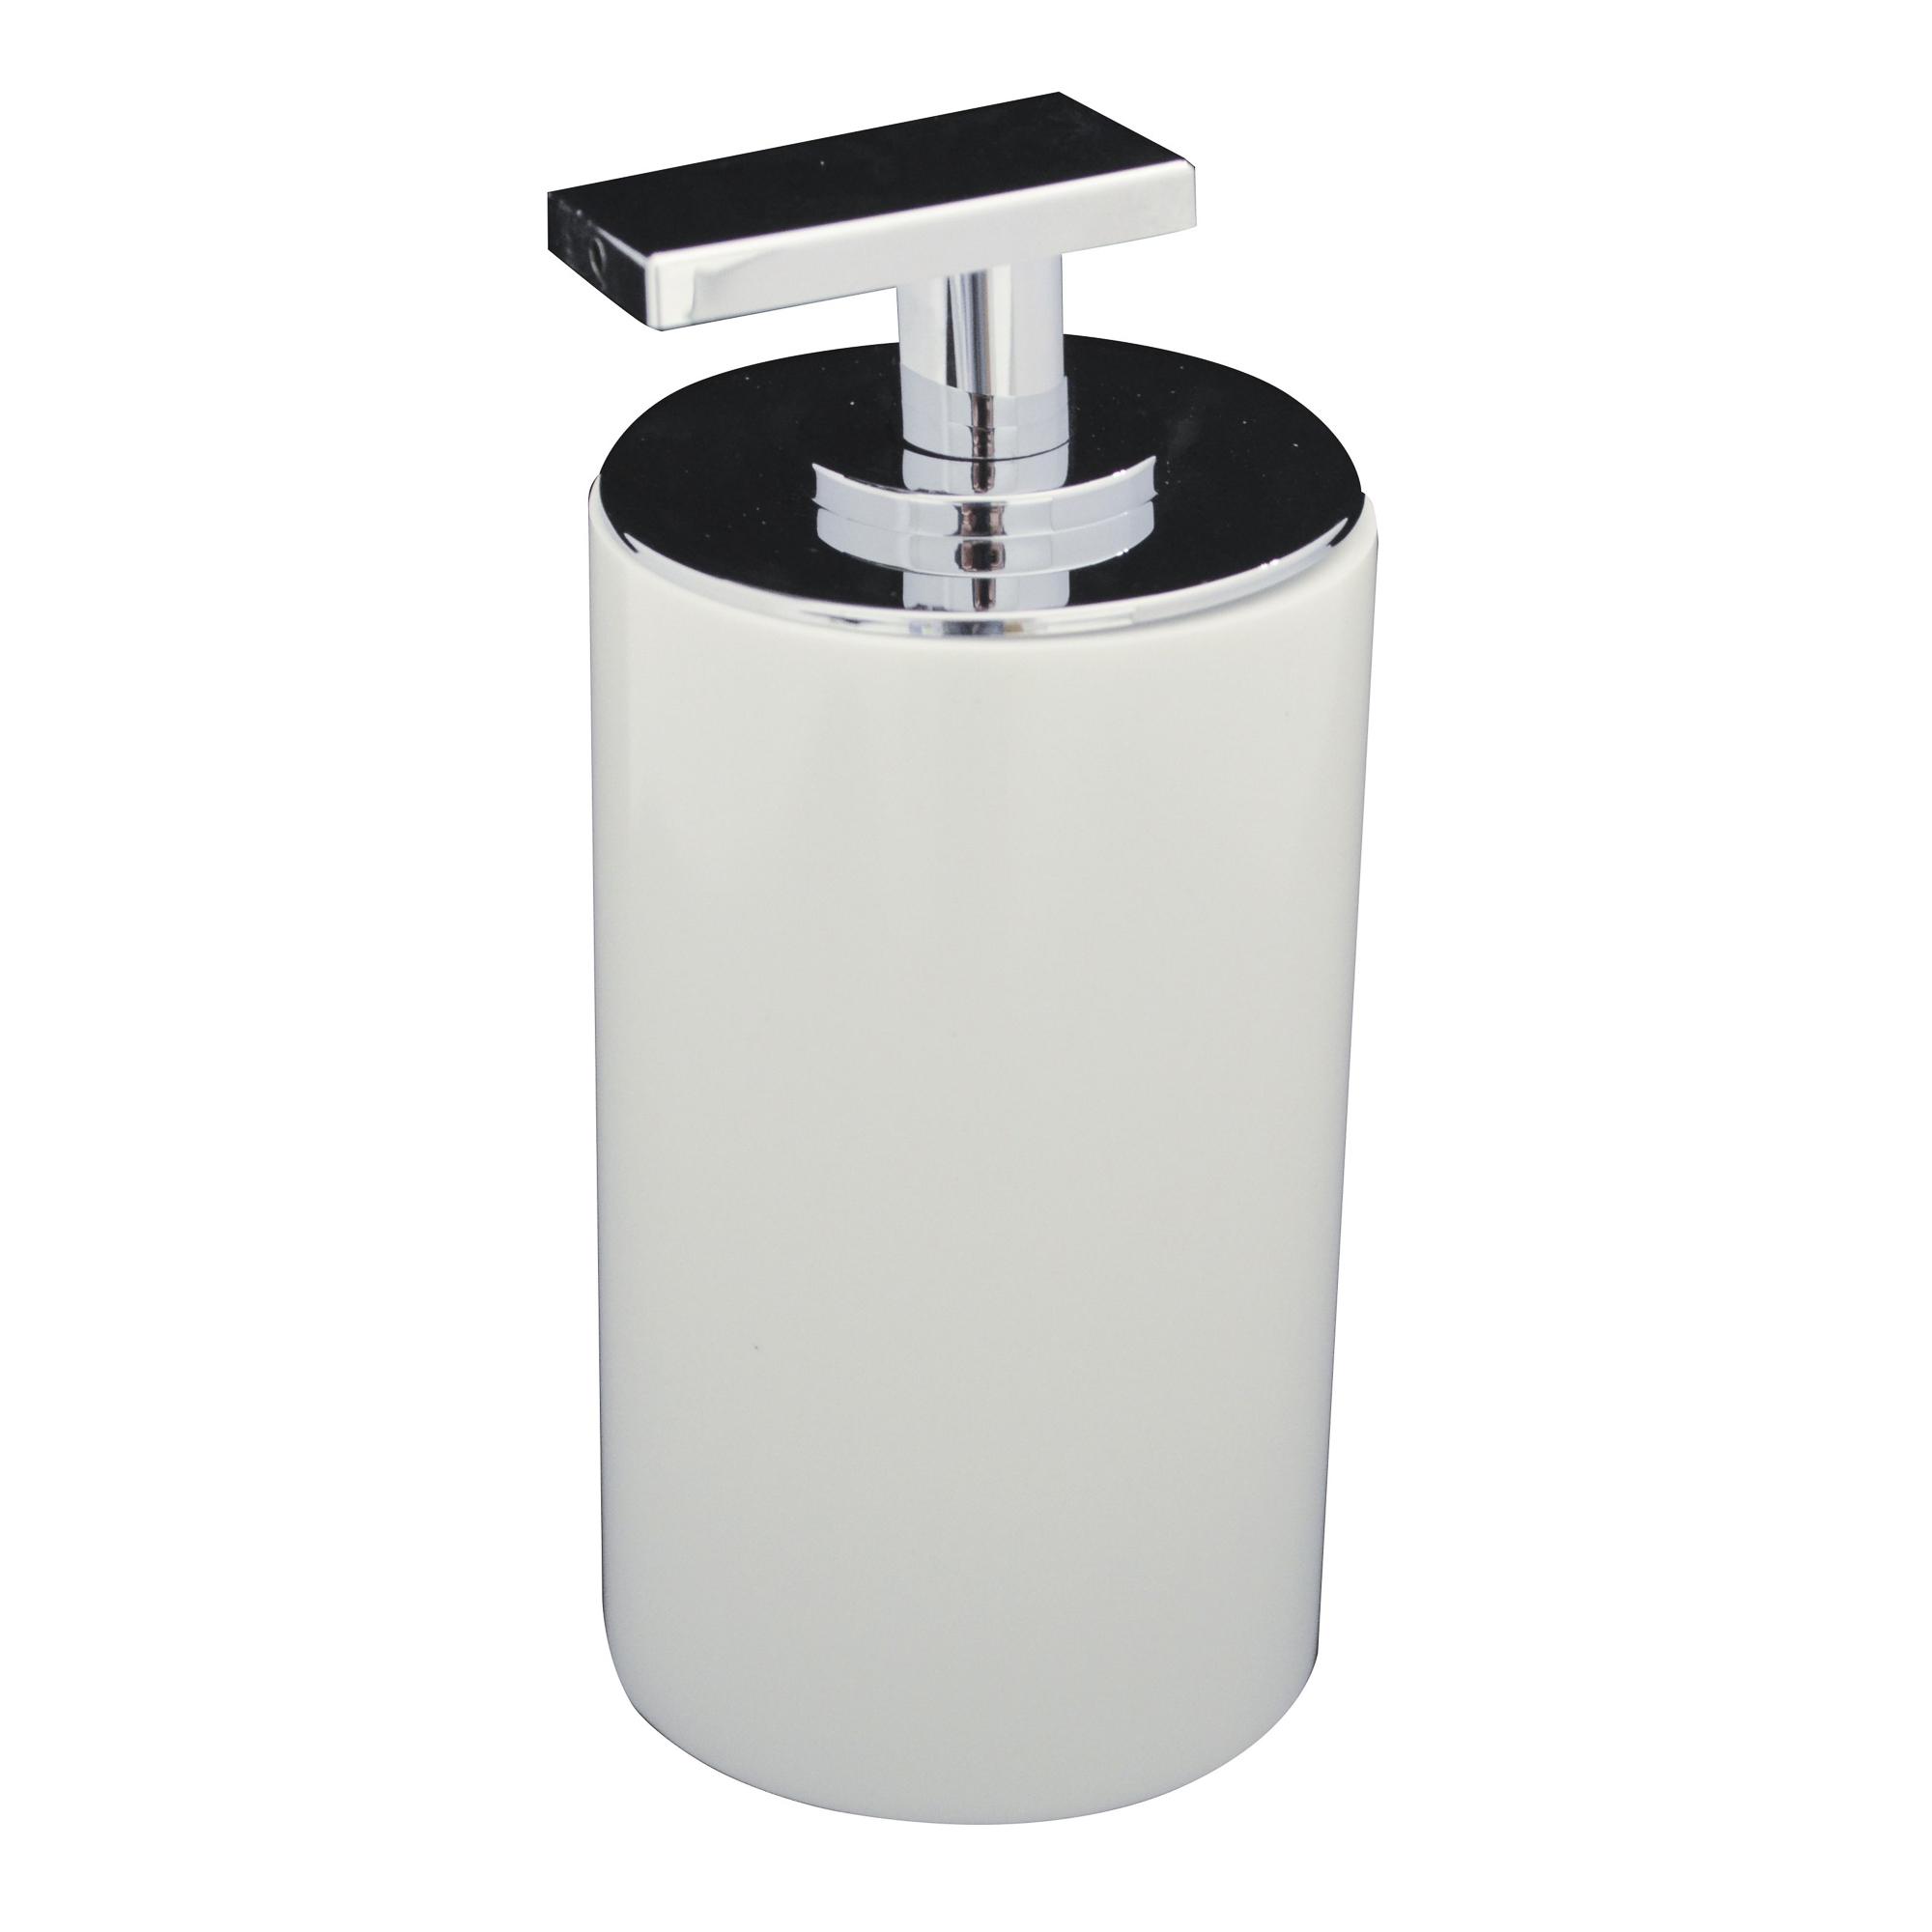 Фото - Дозатор для жидкого мыла Paris белый Ridder дозатор для жидкого мыла ridder paris 22250510 черный